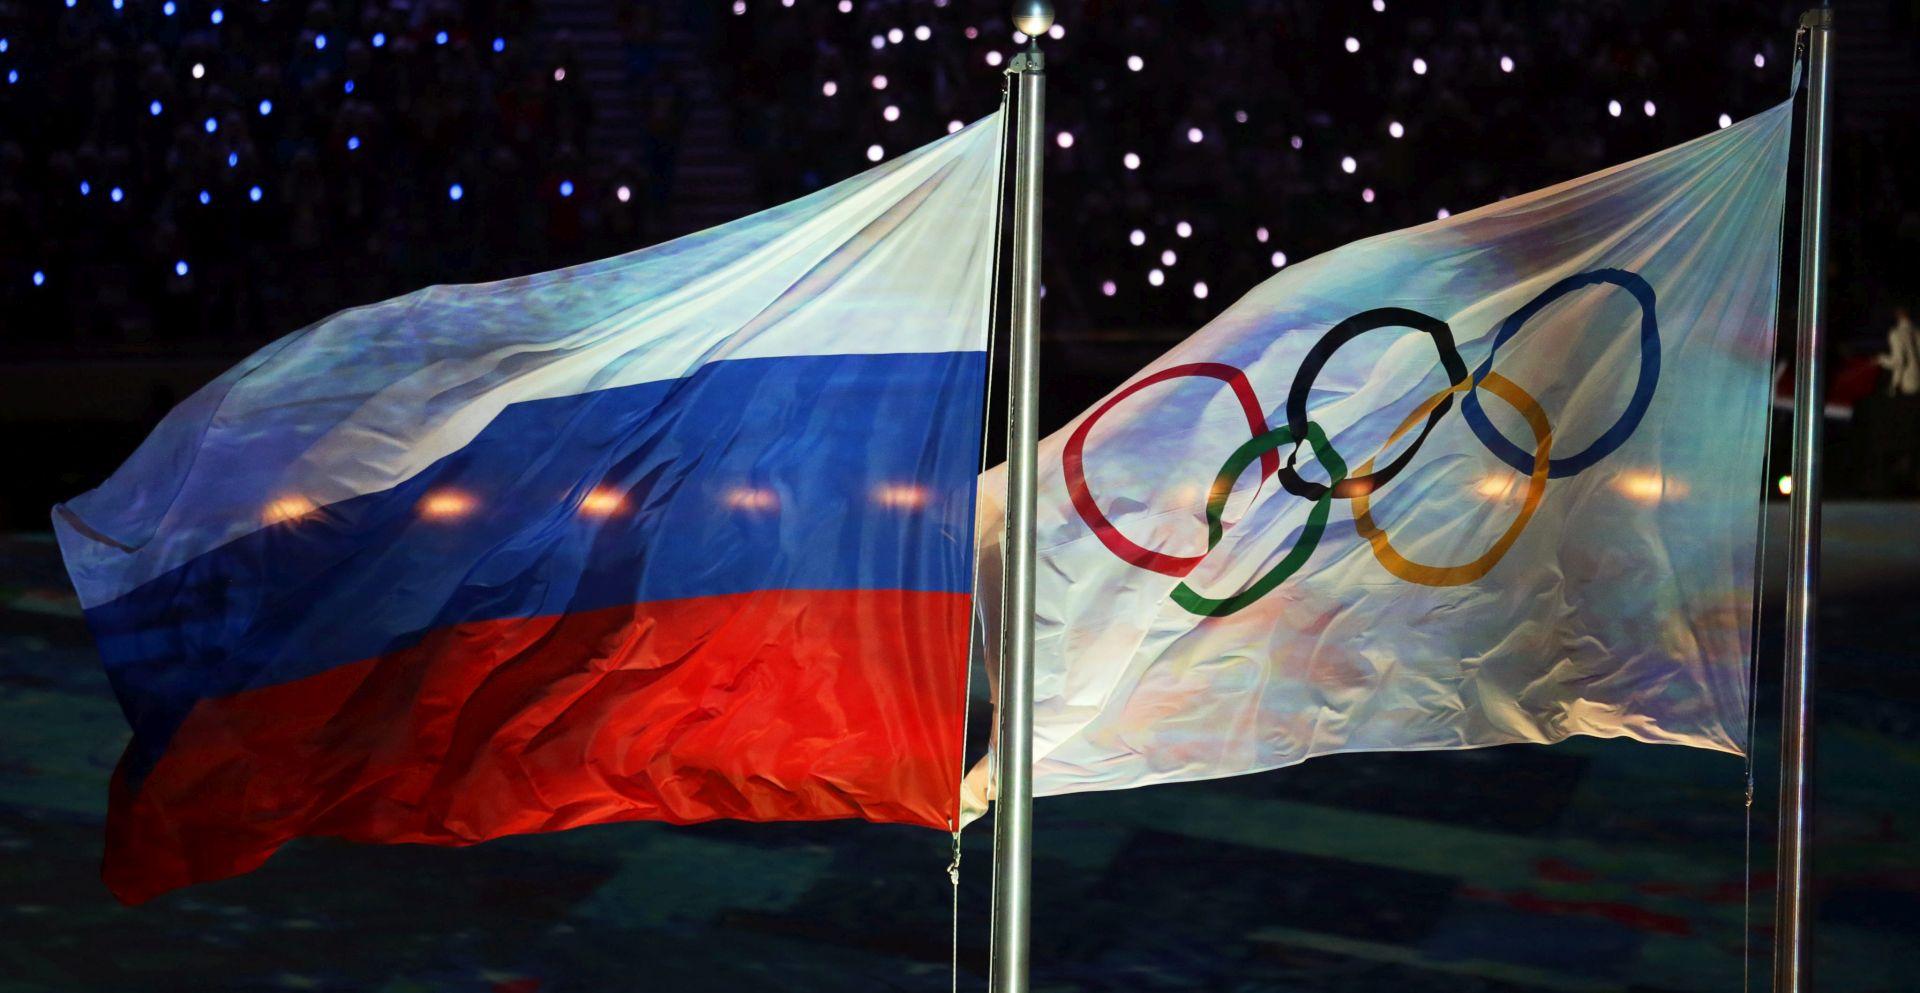 NOVI OBRAT Komisija Olimpijskog odbora donosi konačnu odluku o nastupu ruskih sportaša